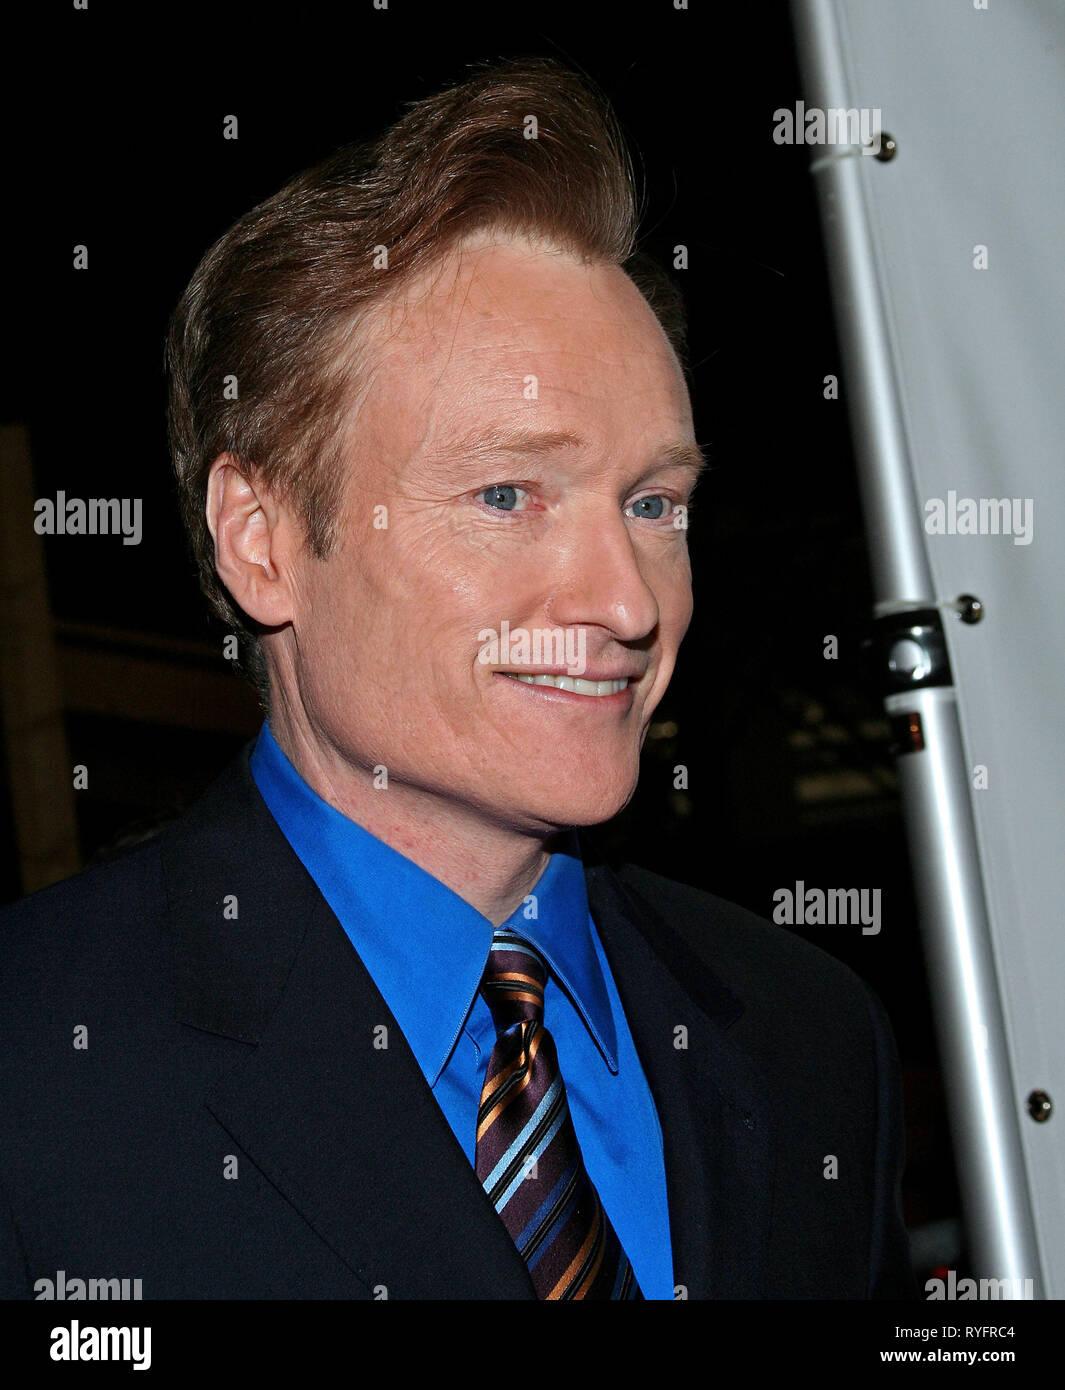 Conan o'brien rencontres en ligne Hook up offre Nissim feat. paroles de Maya